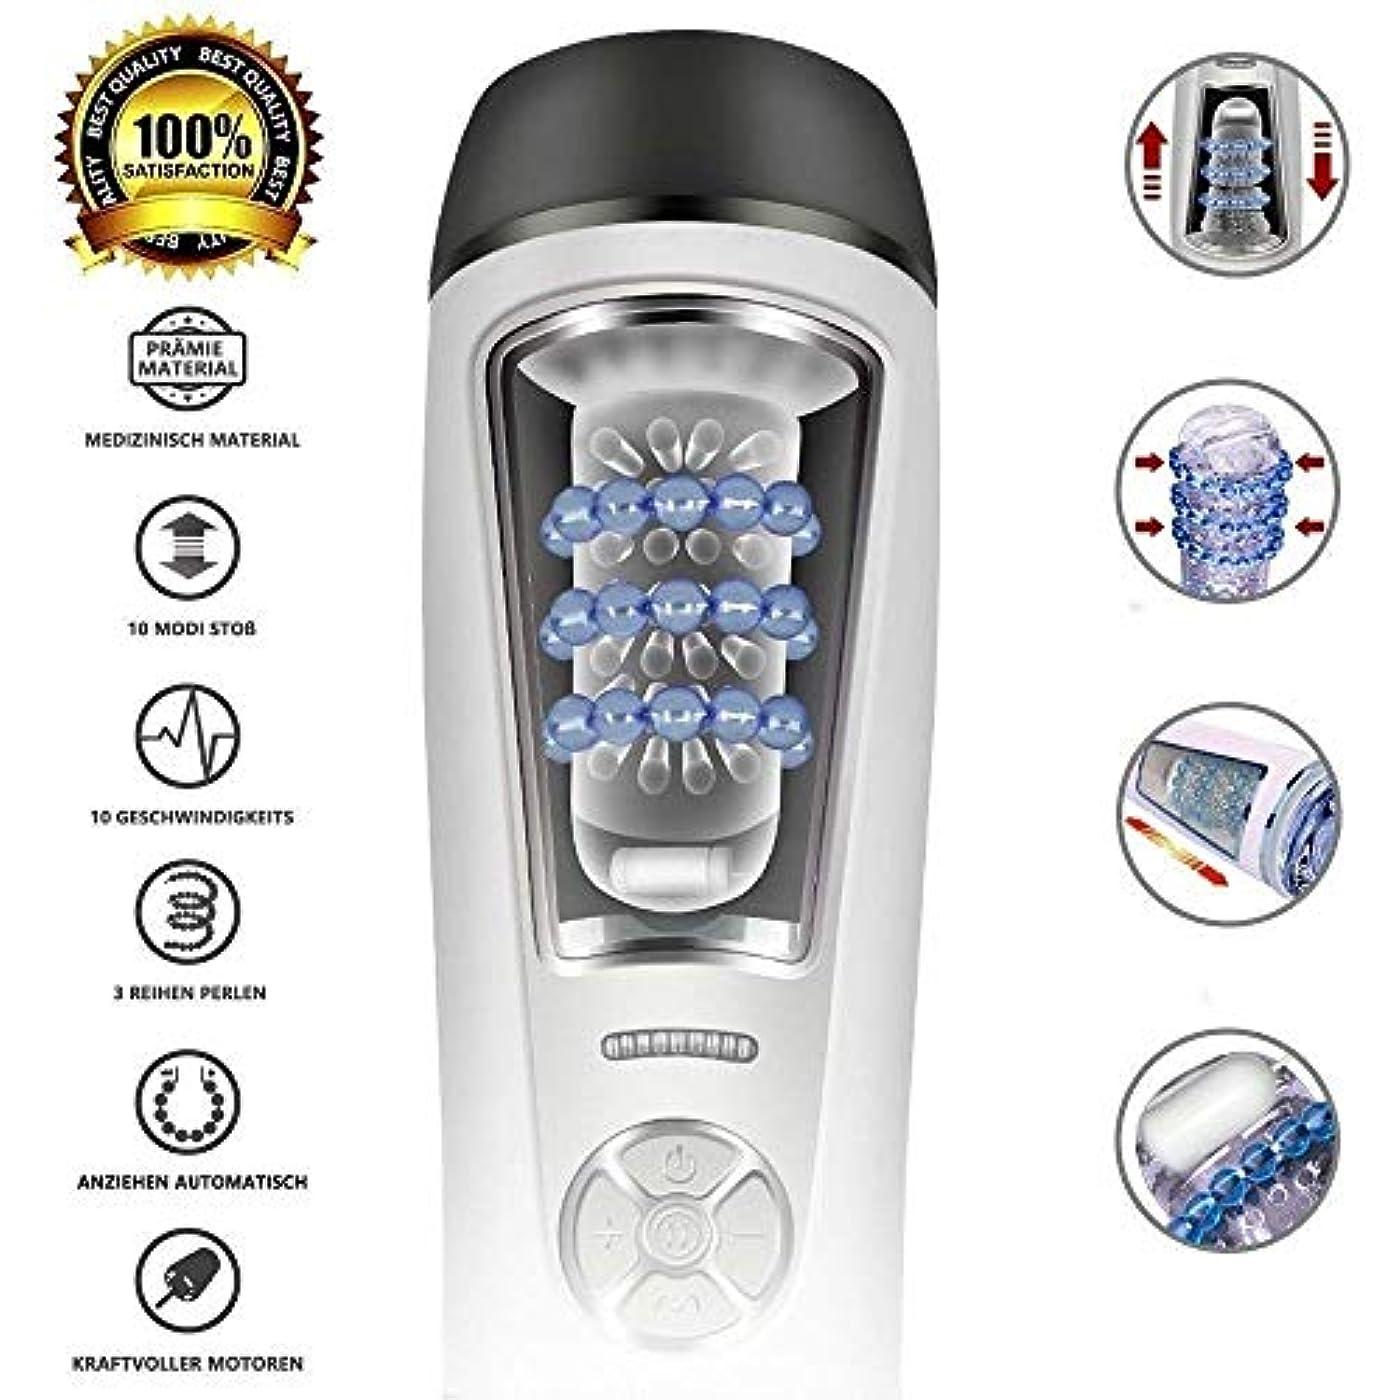 Risareyi 電動 オナホール 280回/分と360°回転電子マッサージカップを吸う男性自動ピストンカップグレートギフトリラックスボディ USB充電式 オナホ 大人のおもちゃ